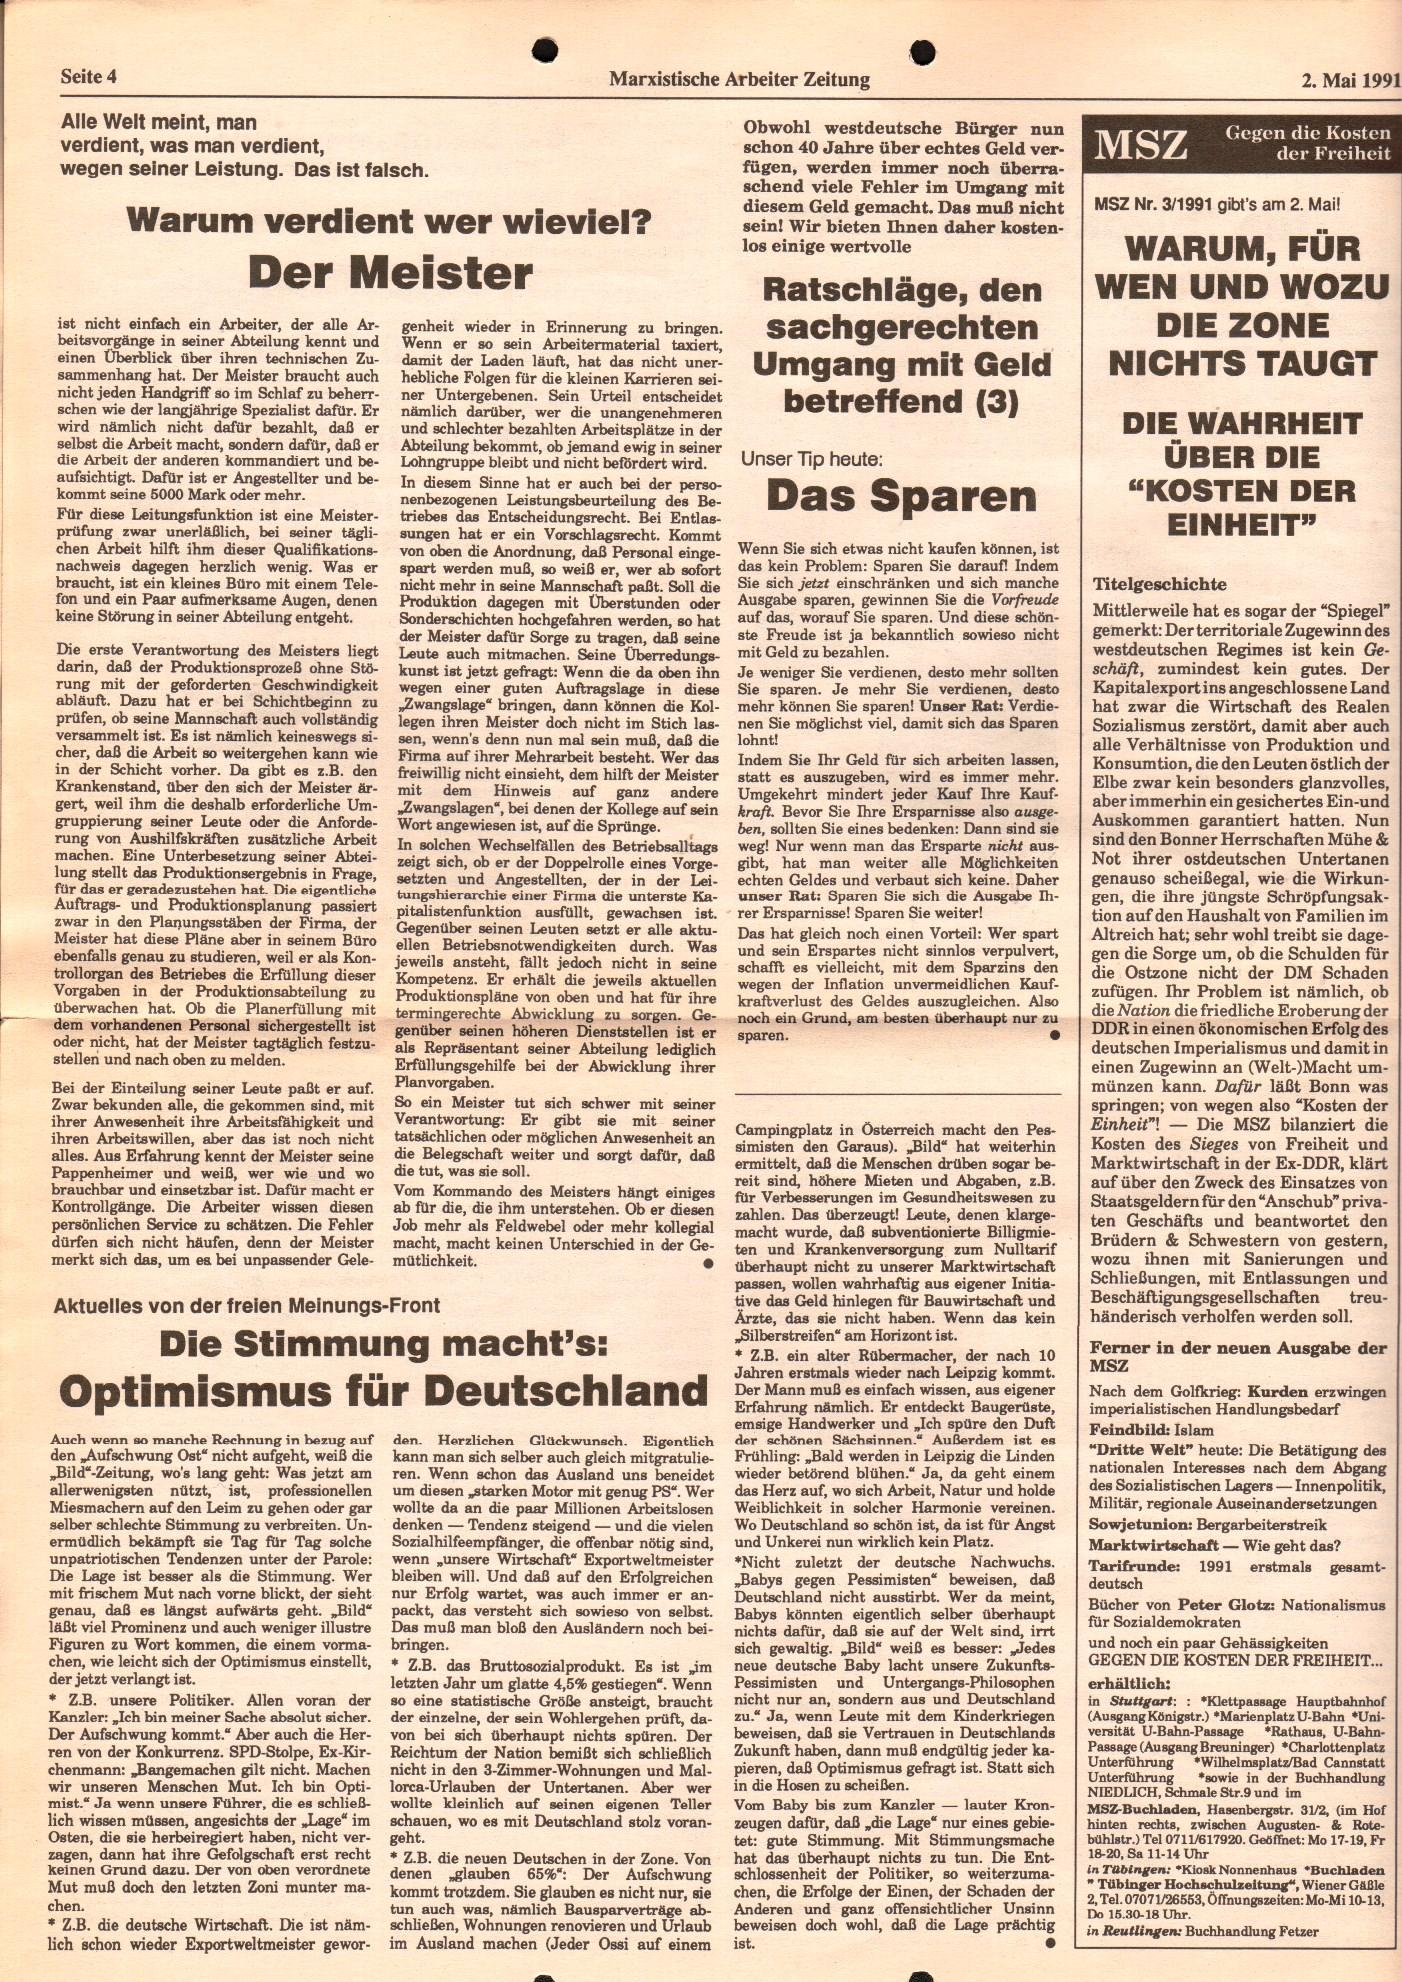 BW_MG_Marxistische_Arbeiterzeitung_19910502_04